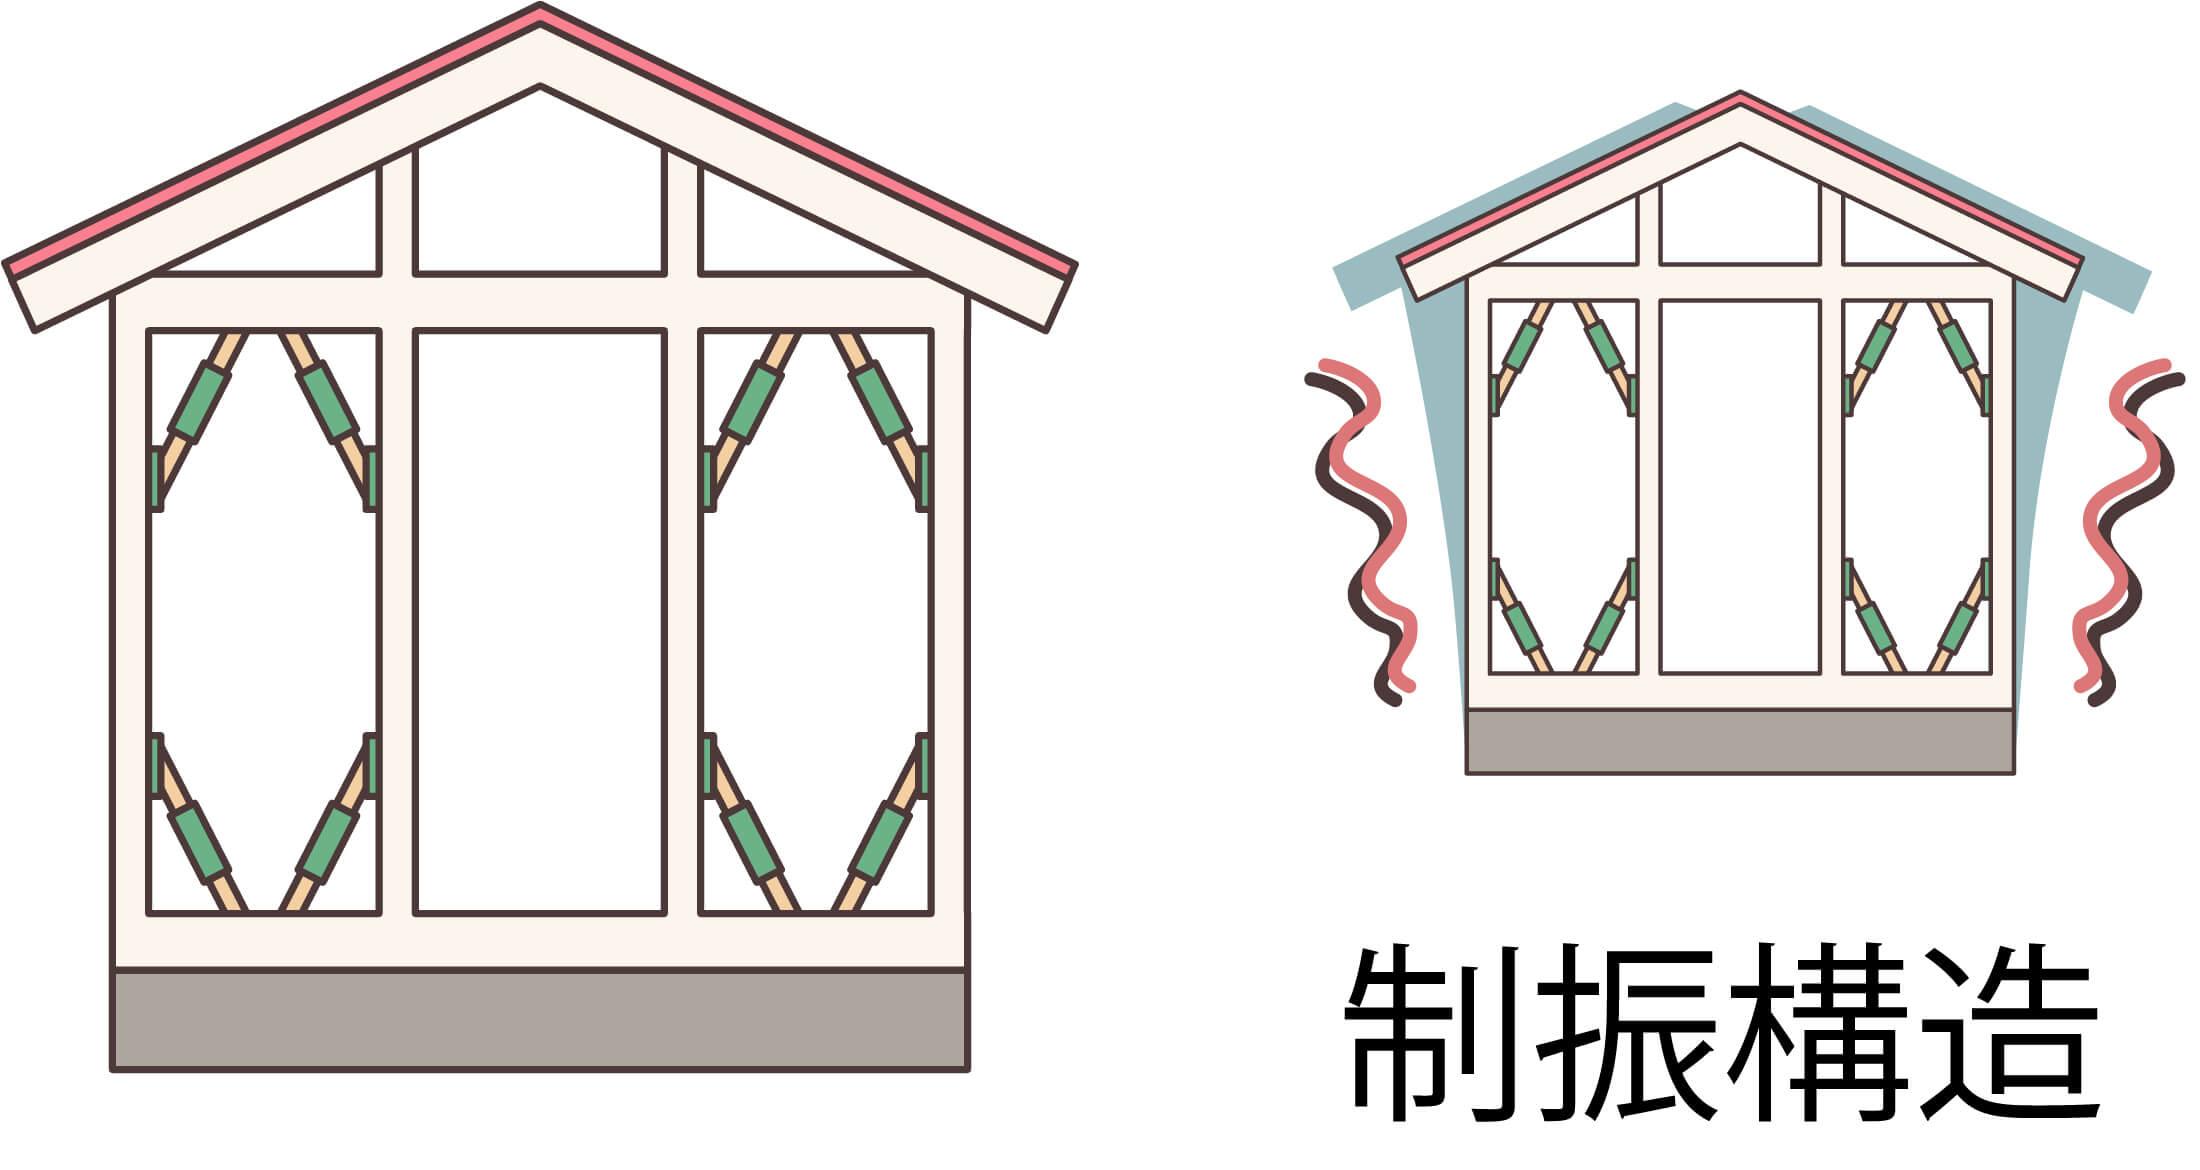 大阪市の耐震住宅の種類「制振」